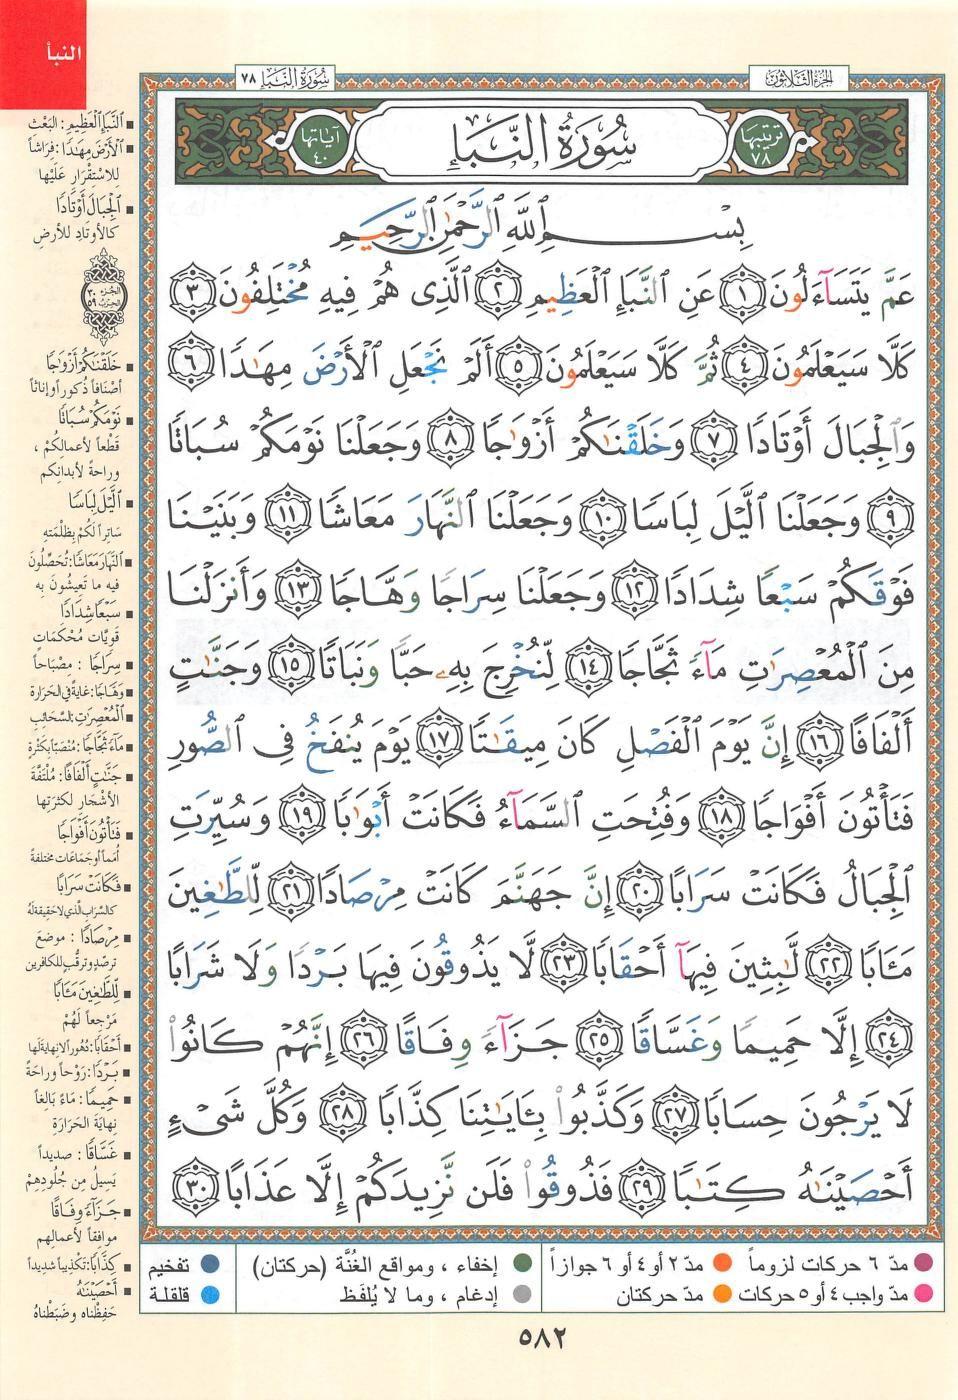 جزء عم من مصحف التجويد ملون ط دار المعرفة Free Download Borrow And Streaming Internet Archive Holy Quran Book Quran Book Quran Text